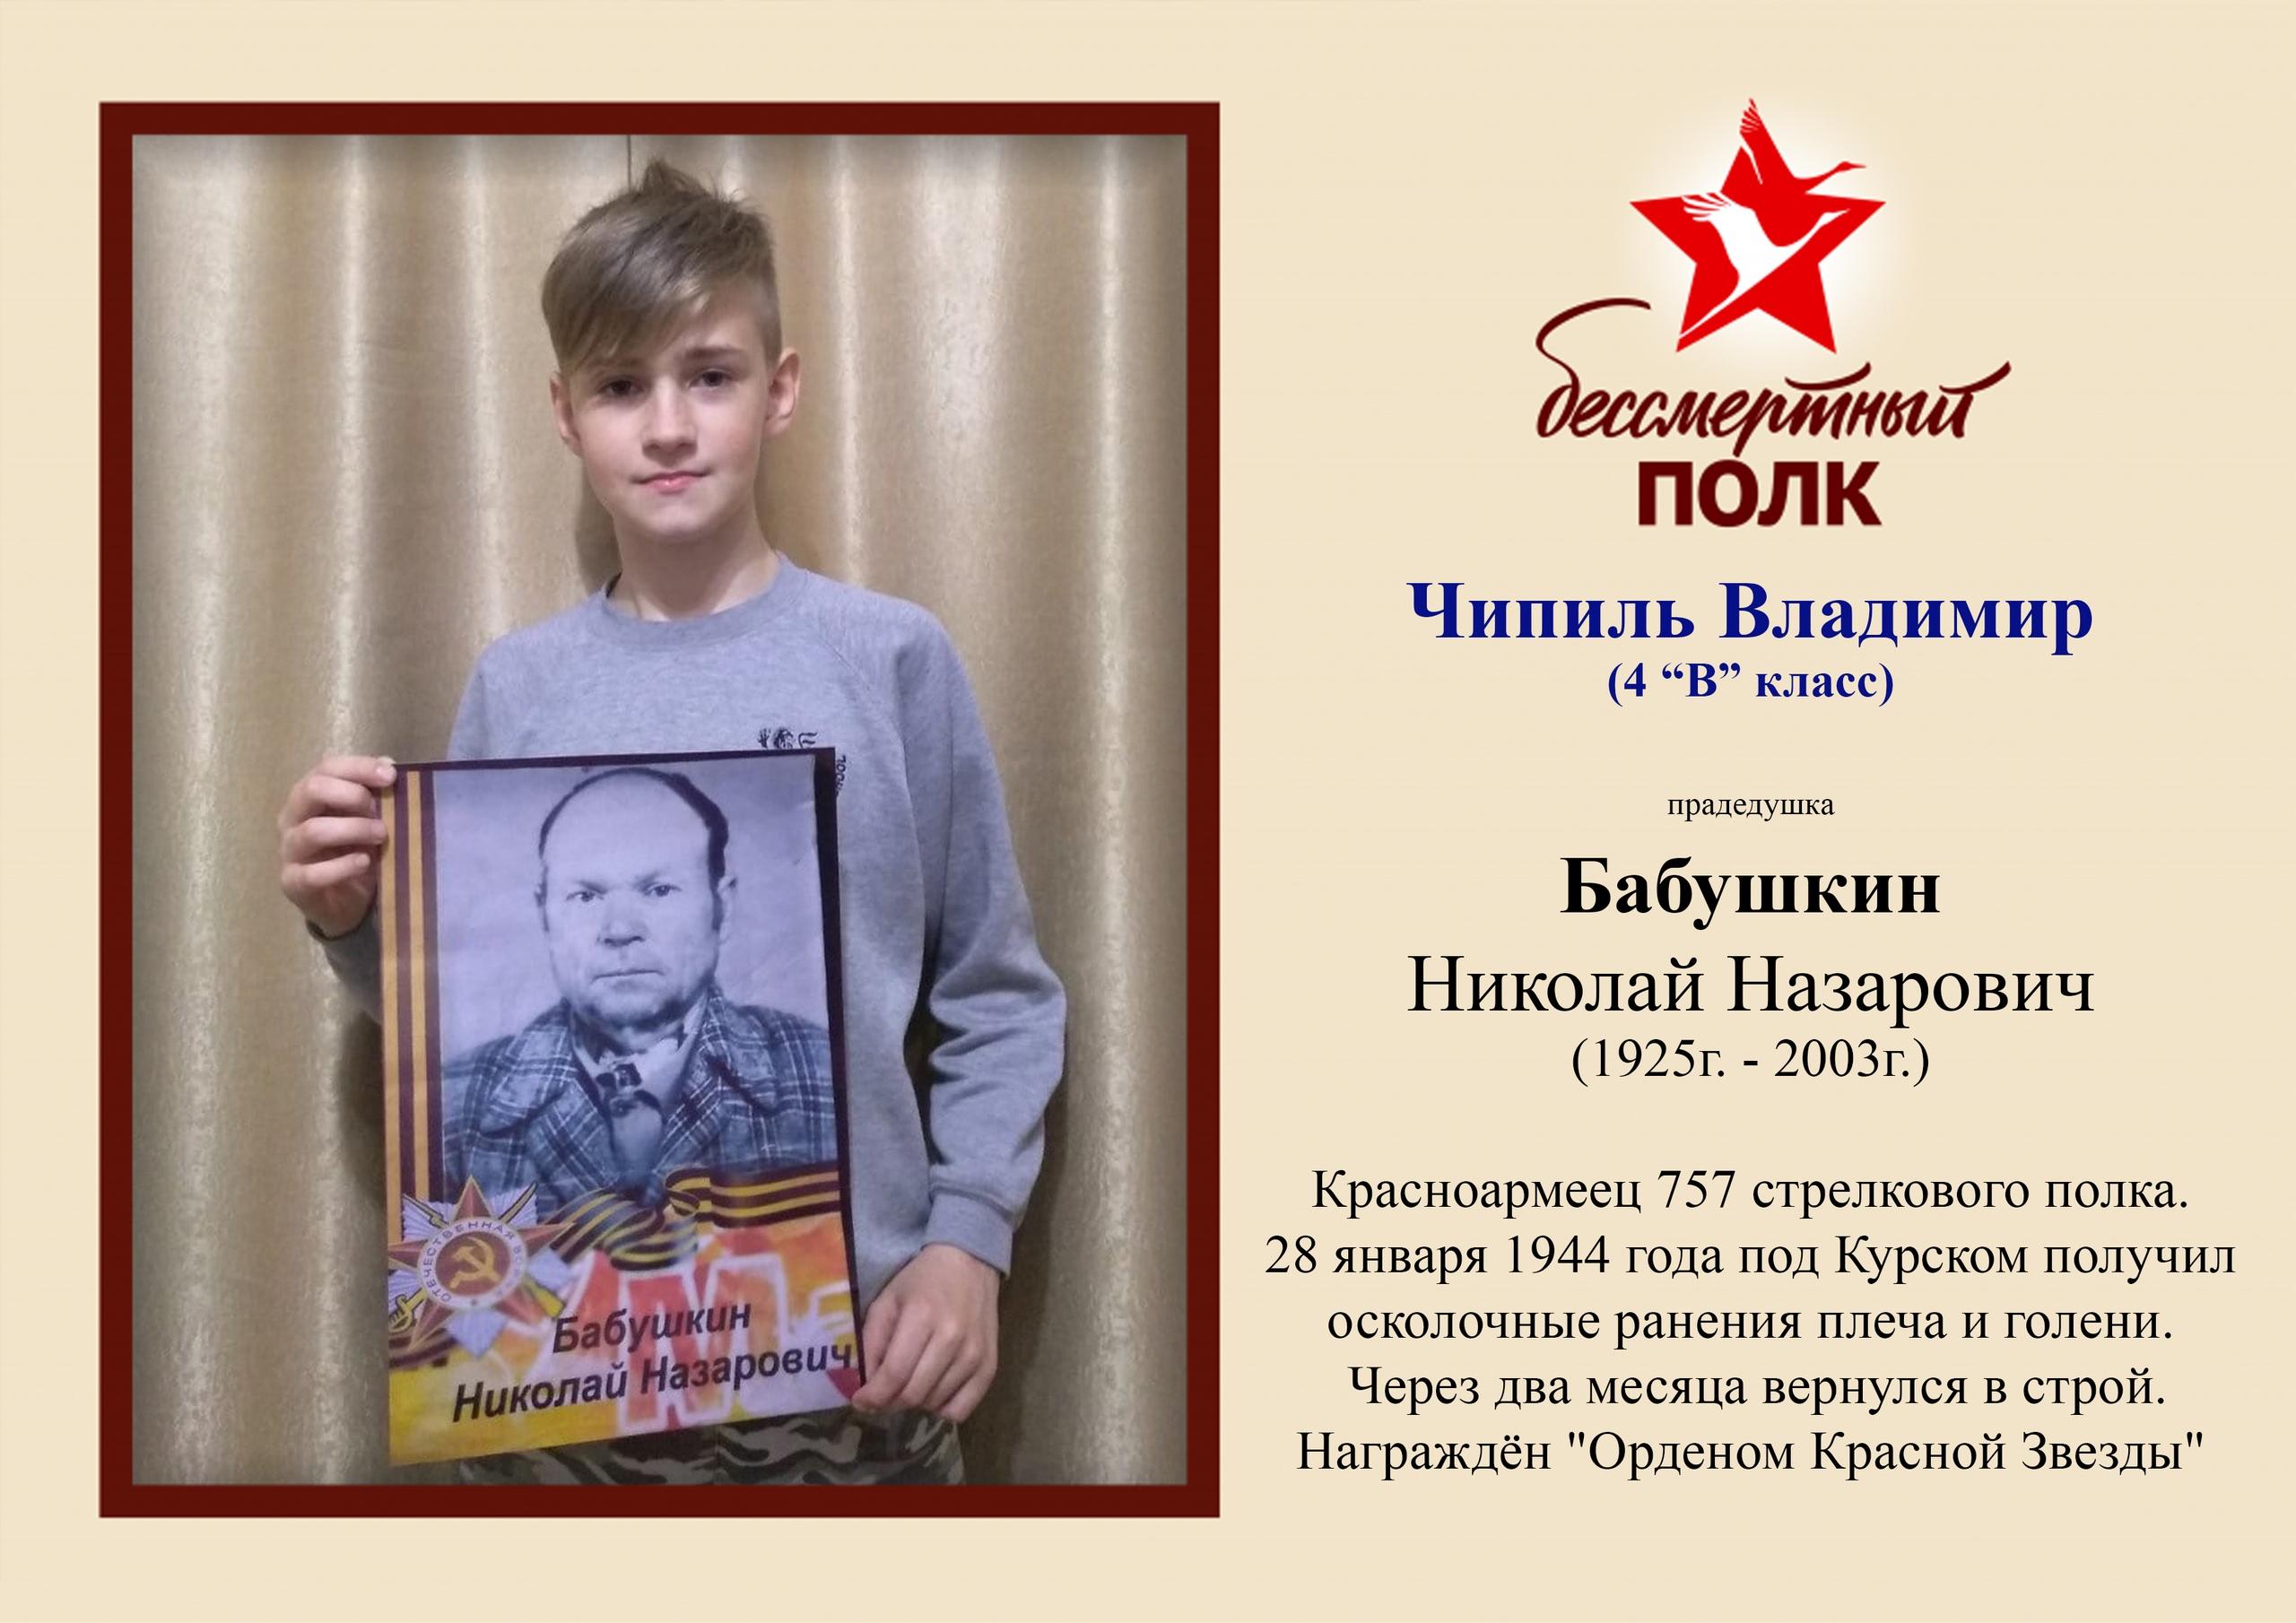 Чипиль Владимир